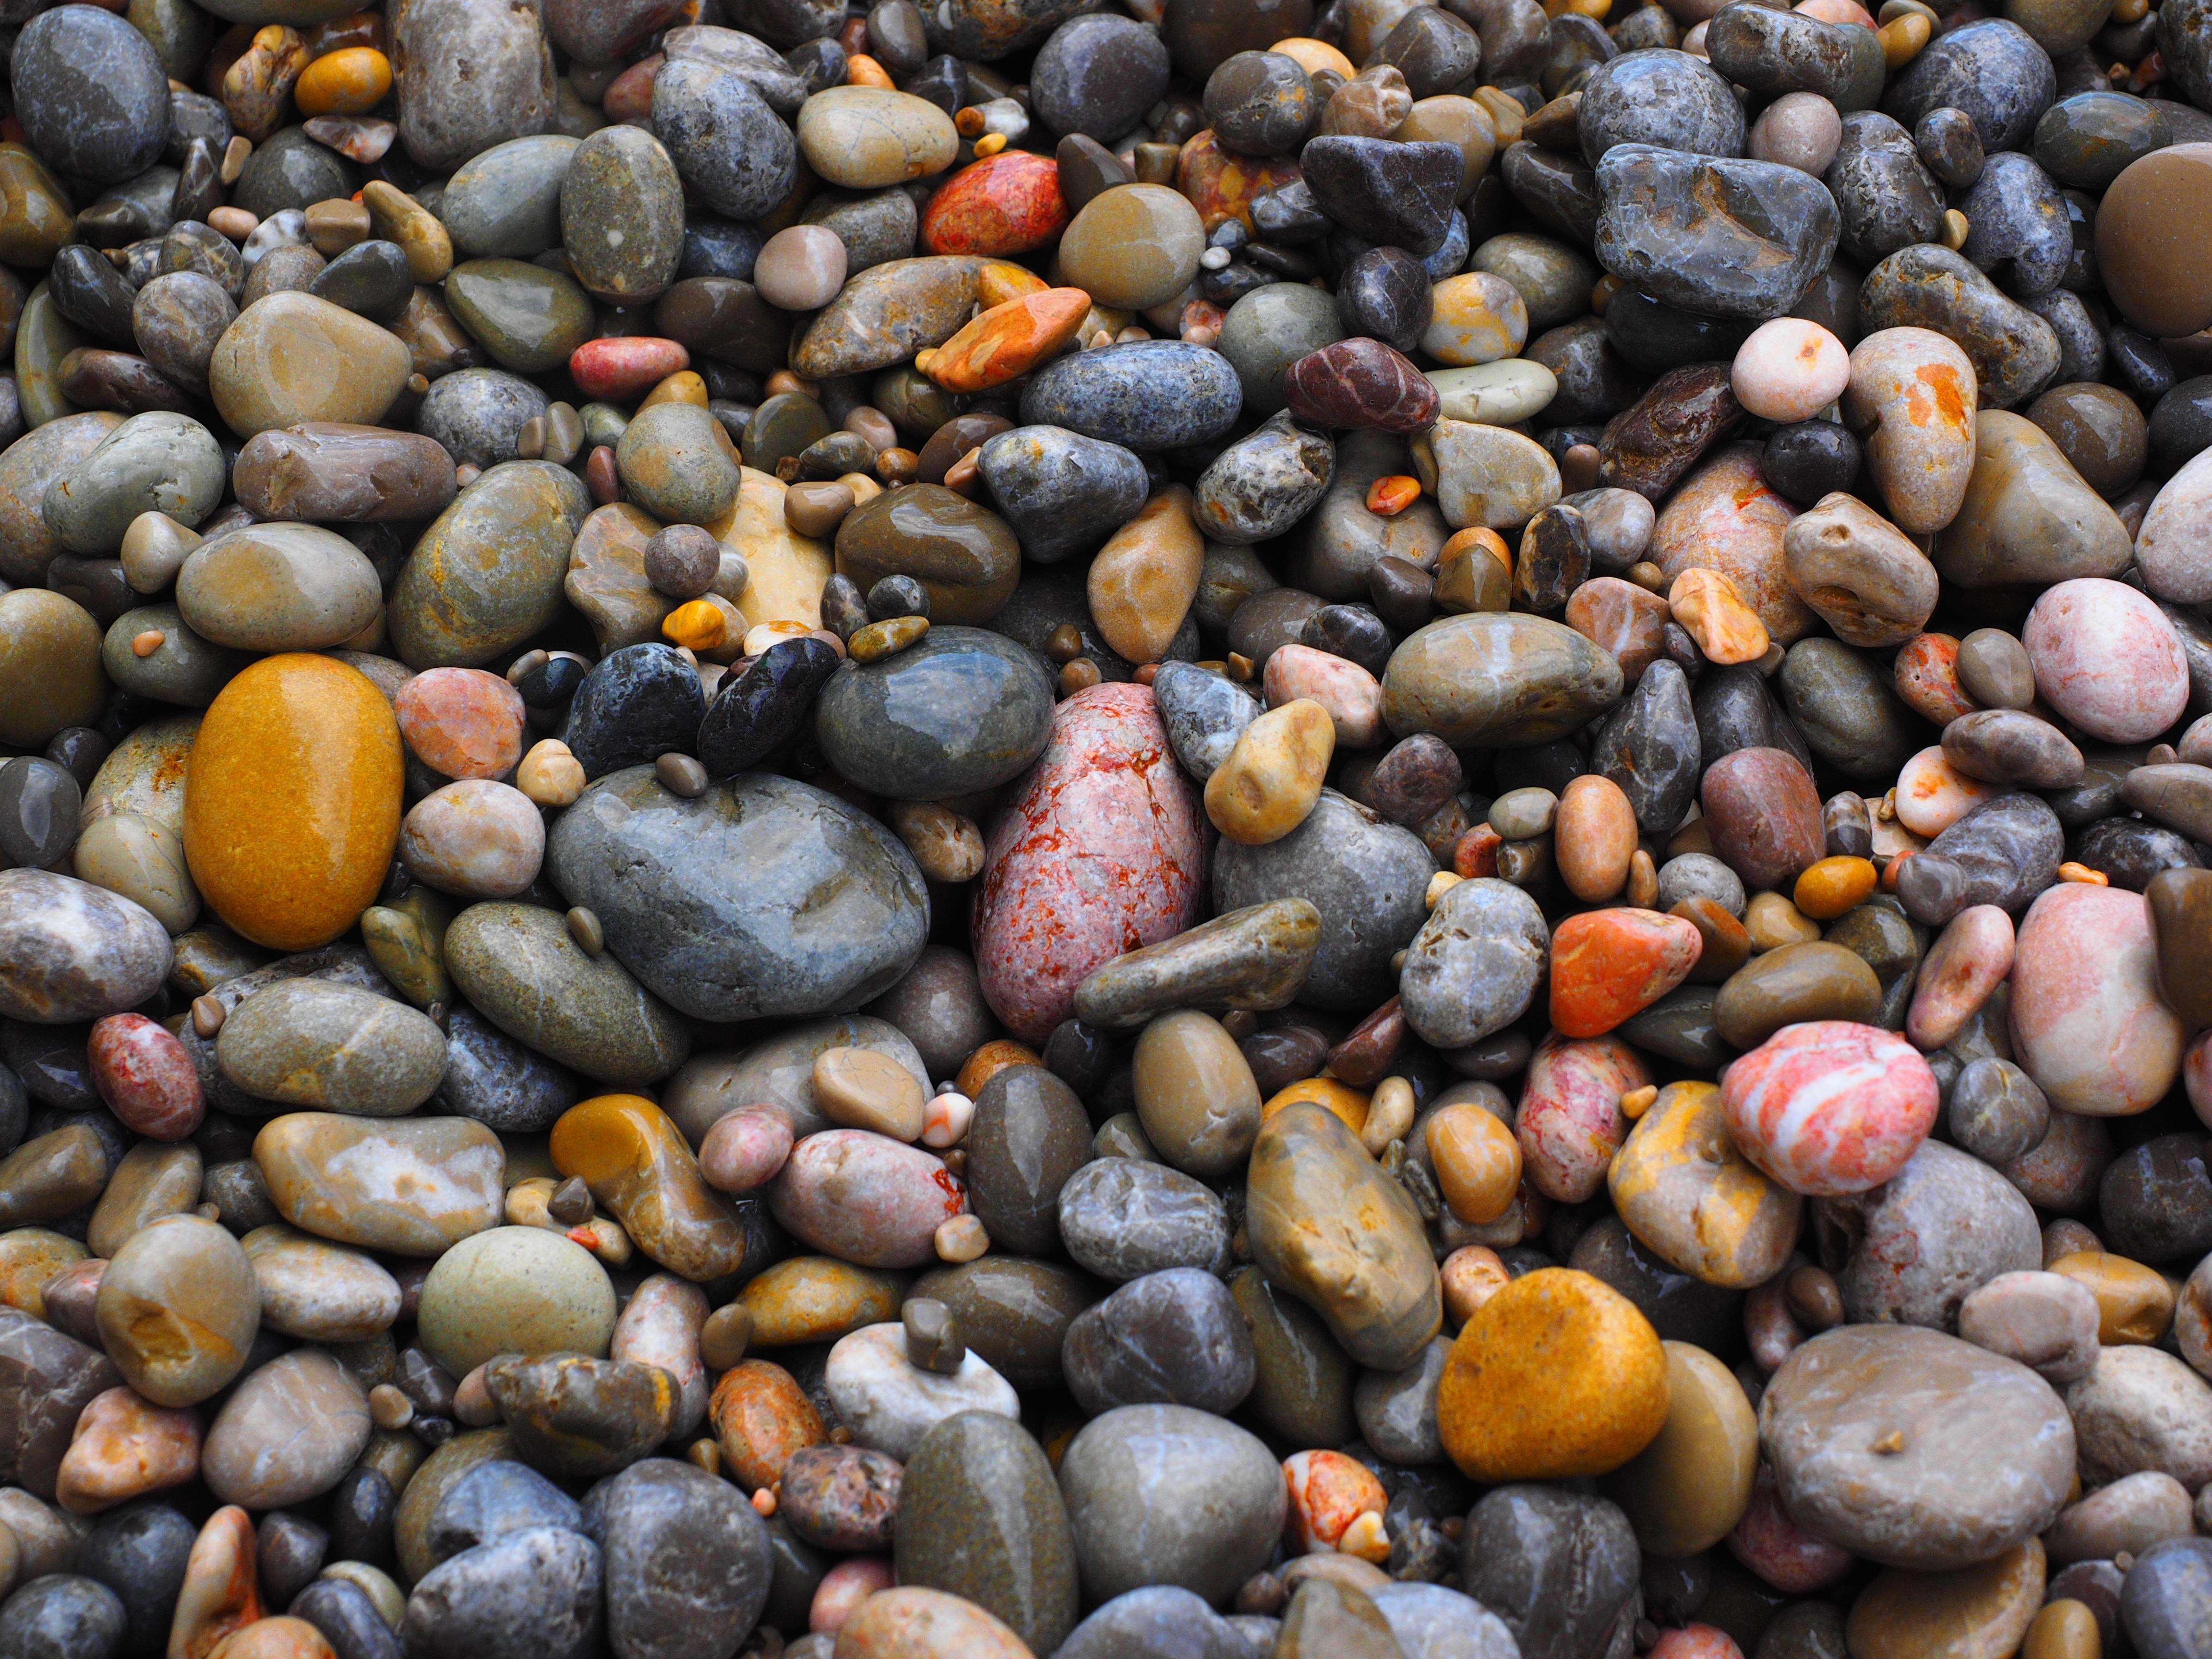 картинки разноцветная галька калининградской